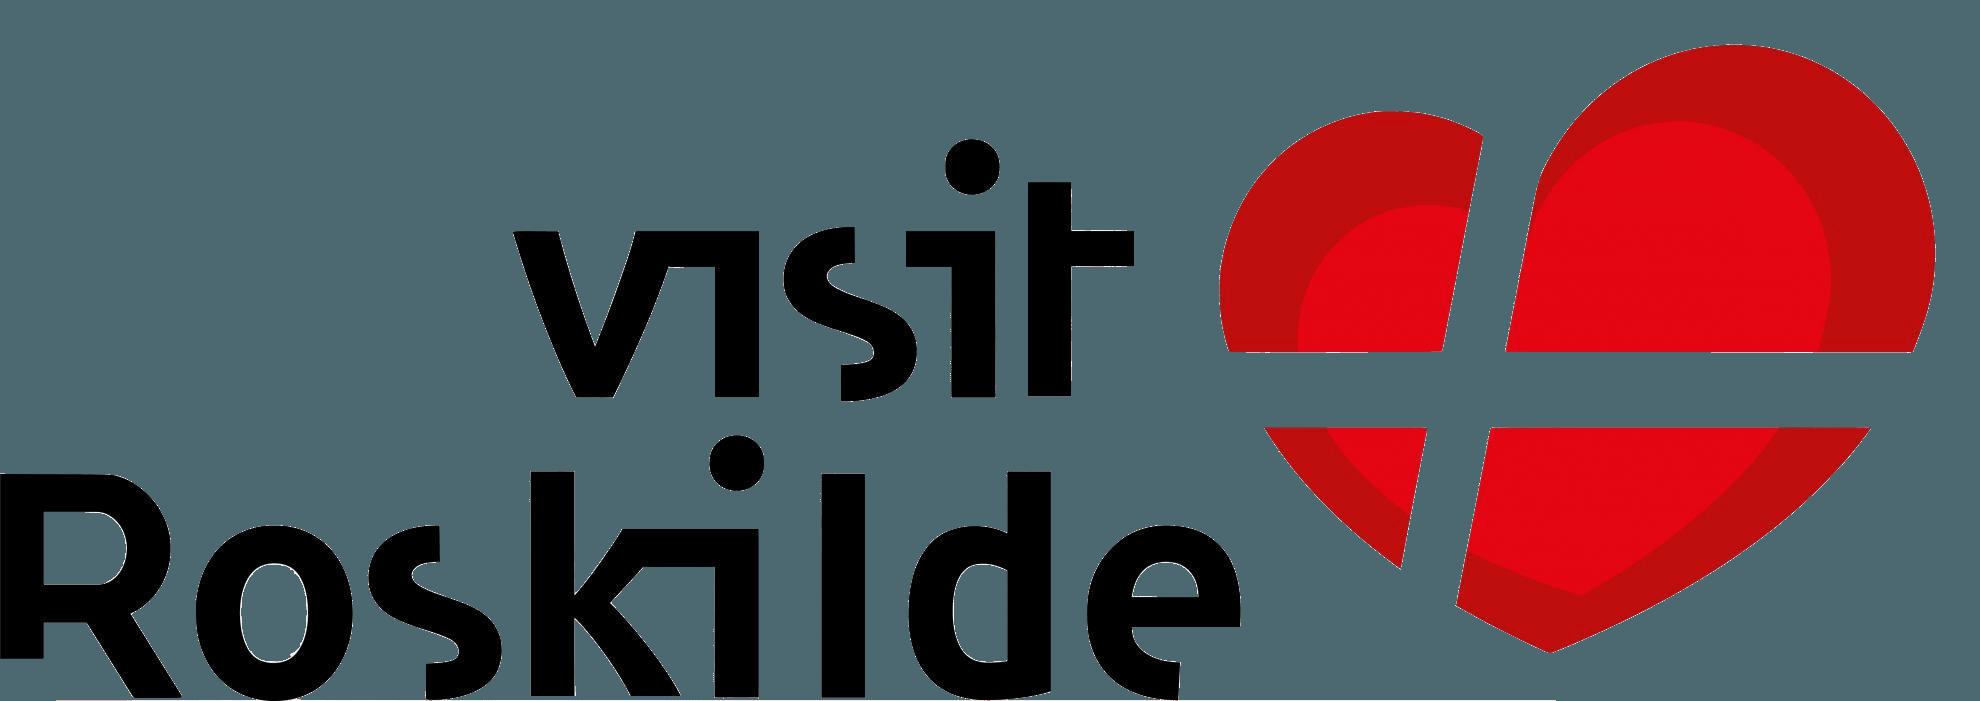 Visit Roskilde